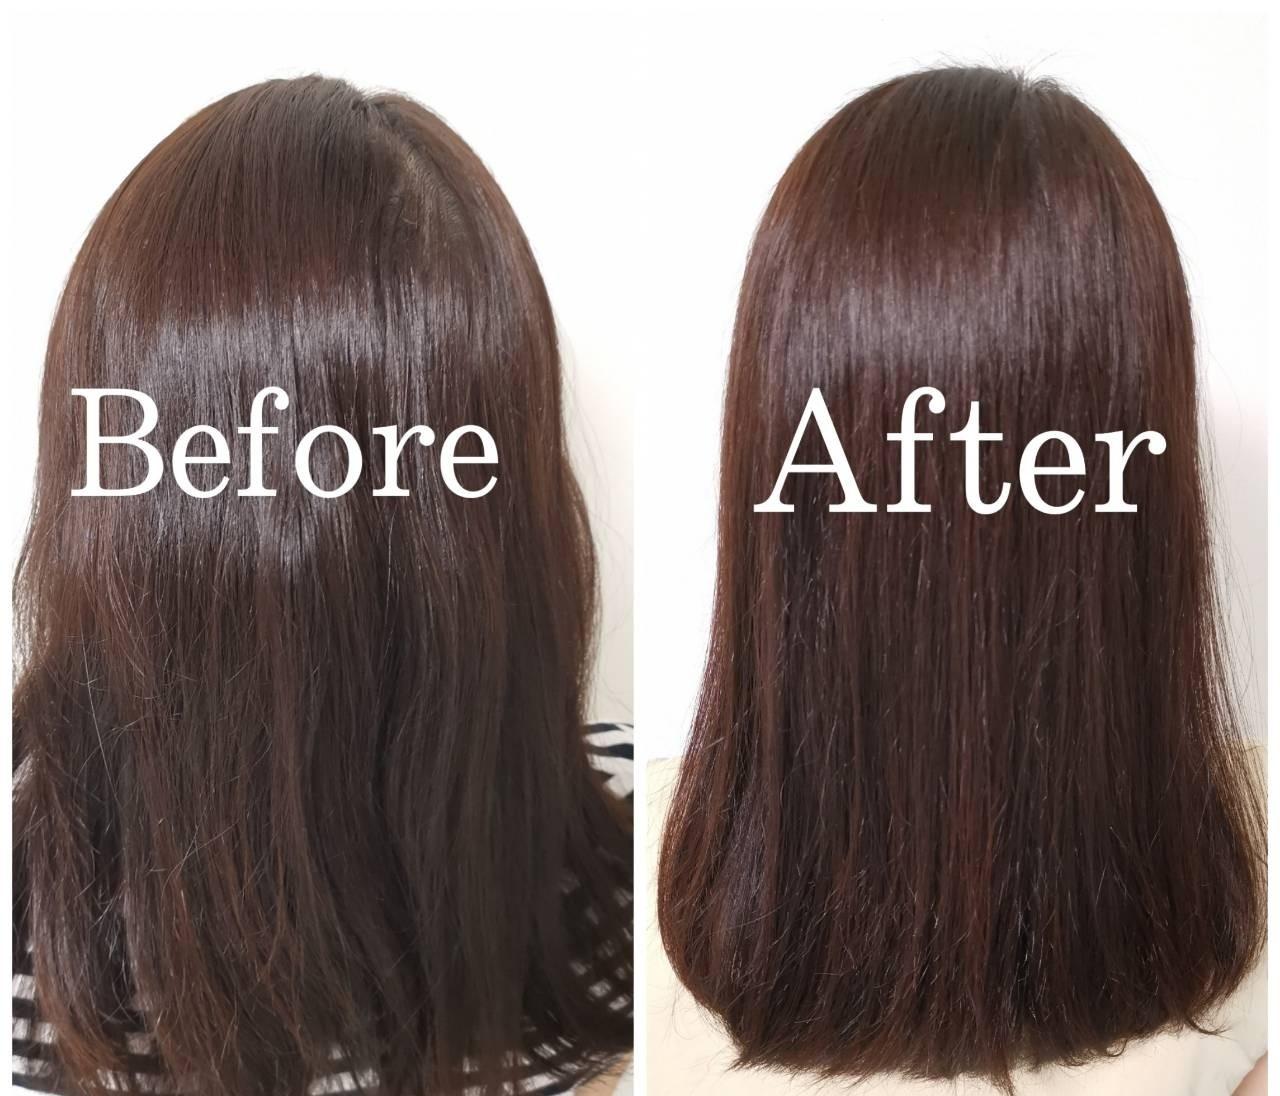 【セリア(Seria)】100円ショップのヘアケアグッズで美髪になった!